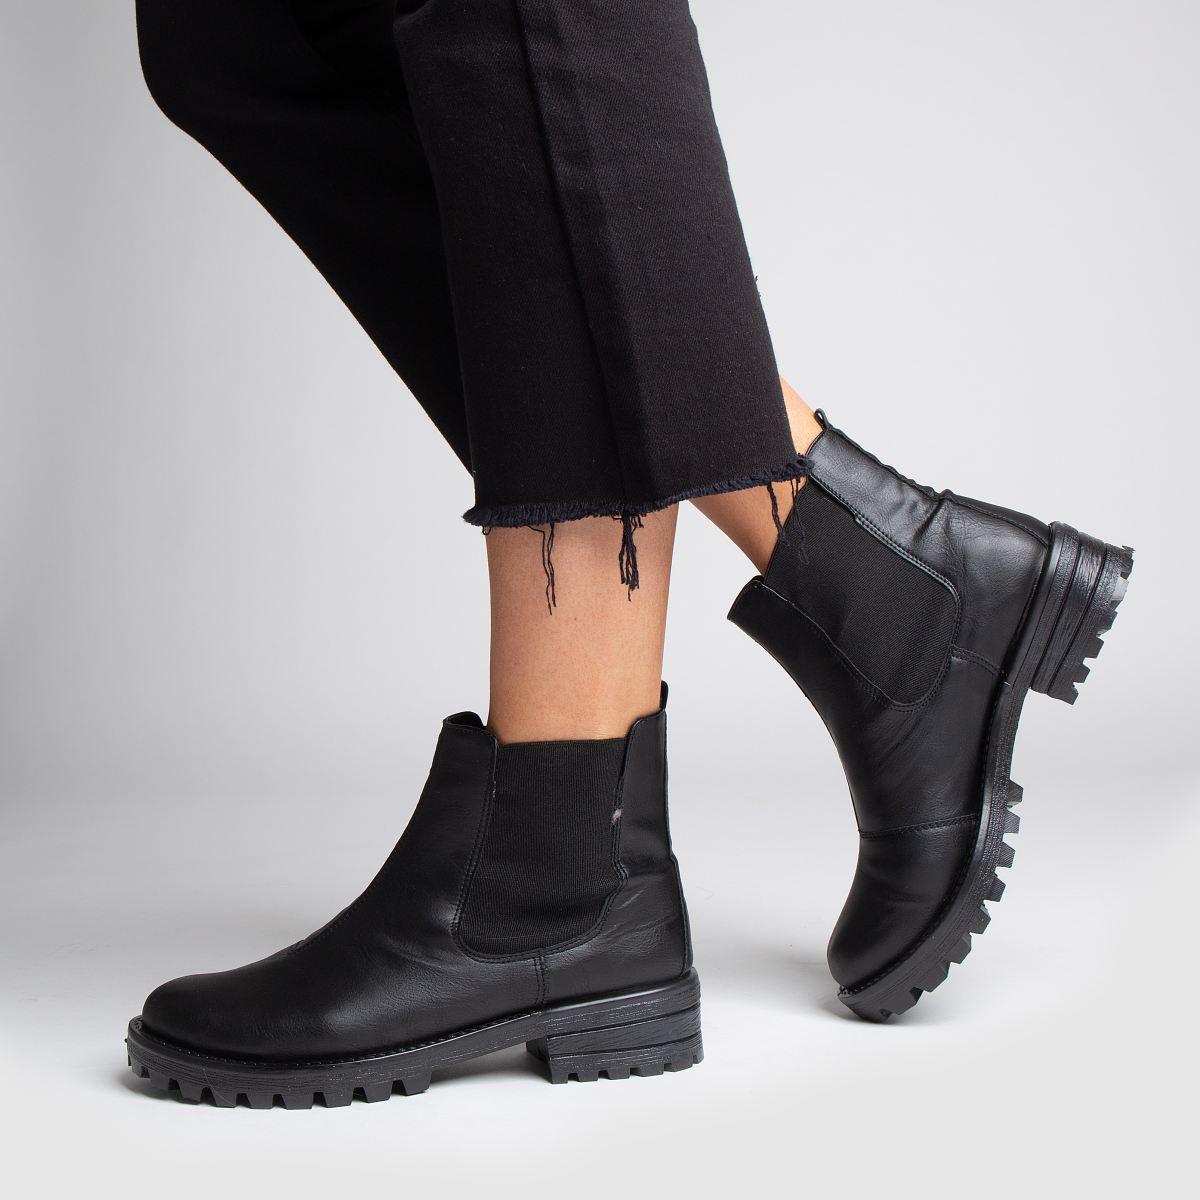 Damen Schwarz schuh Eyes Open Qualität Boots | schuh Gute Qualität Open beliebte Schuhe 3118a1